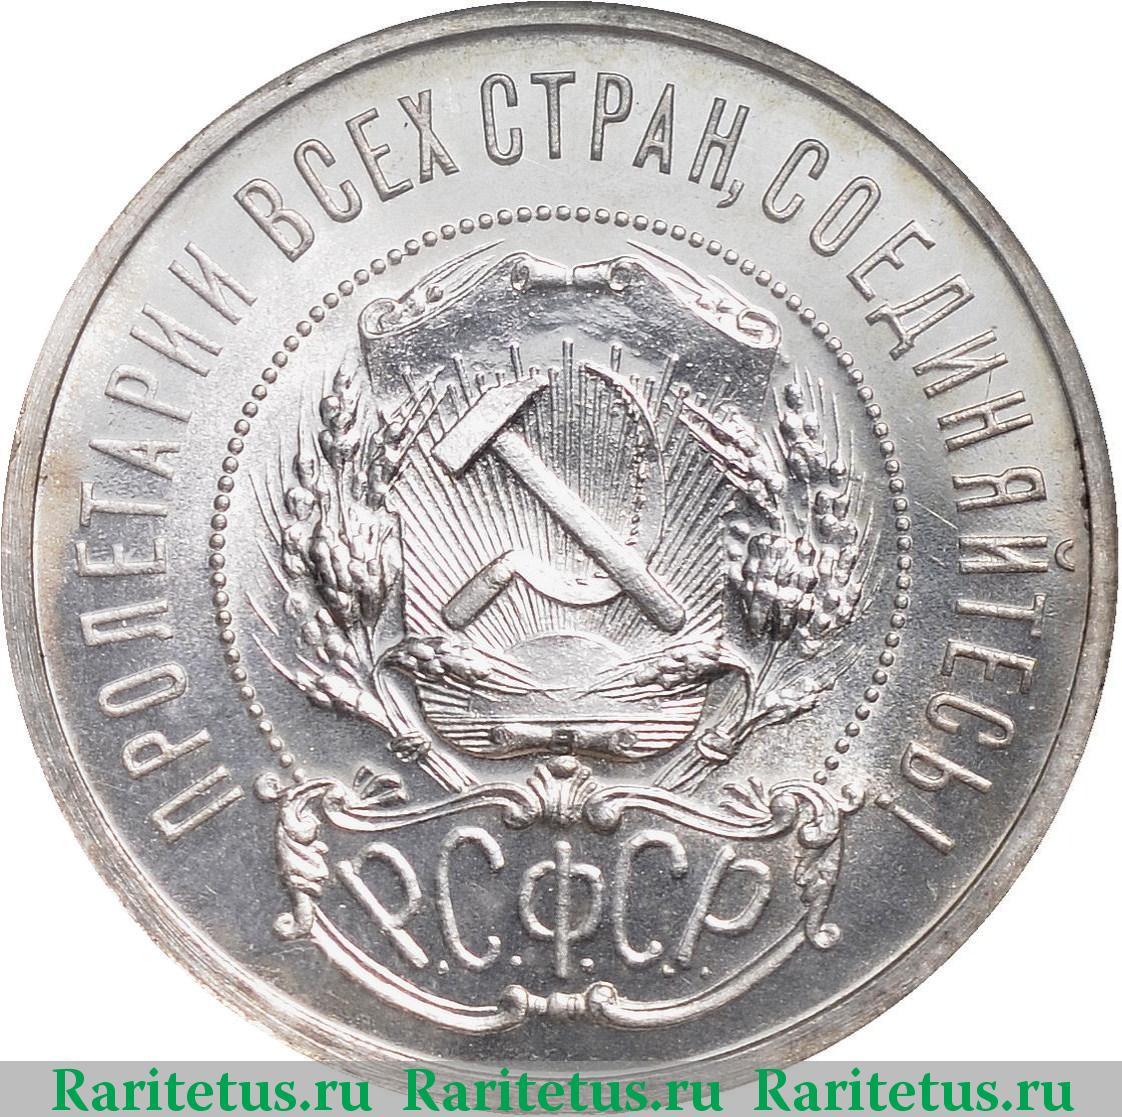 Благородный вес монеты 4 буквы ручная кофемолка peugeot